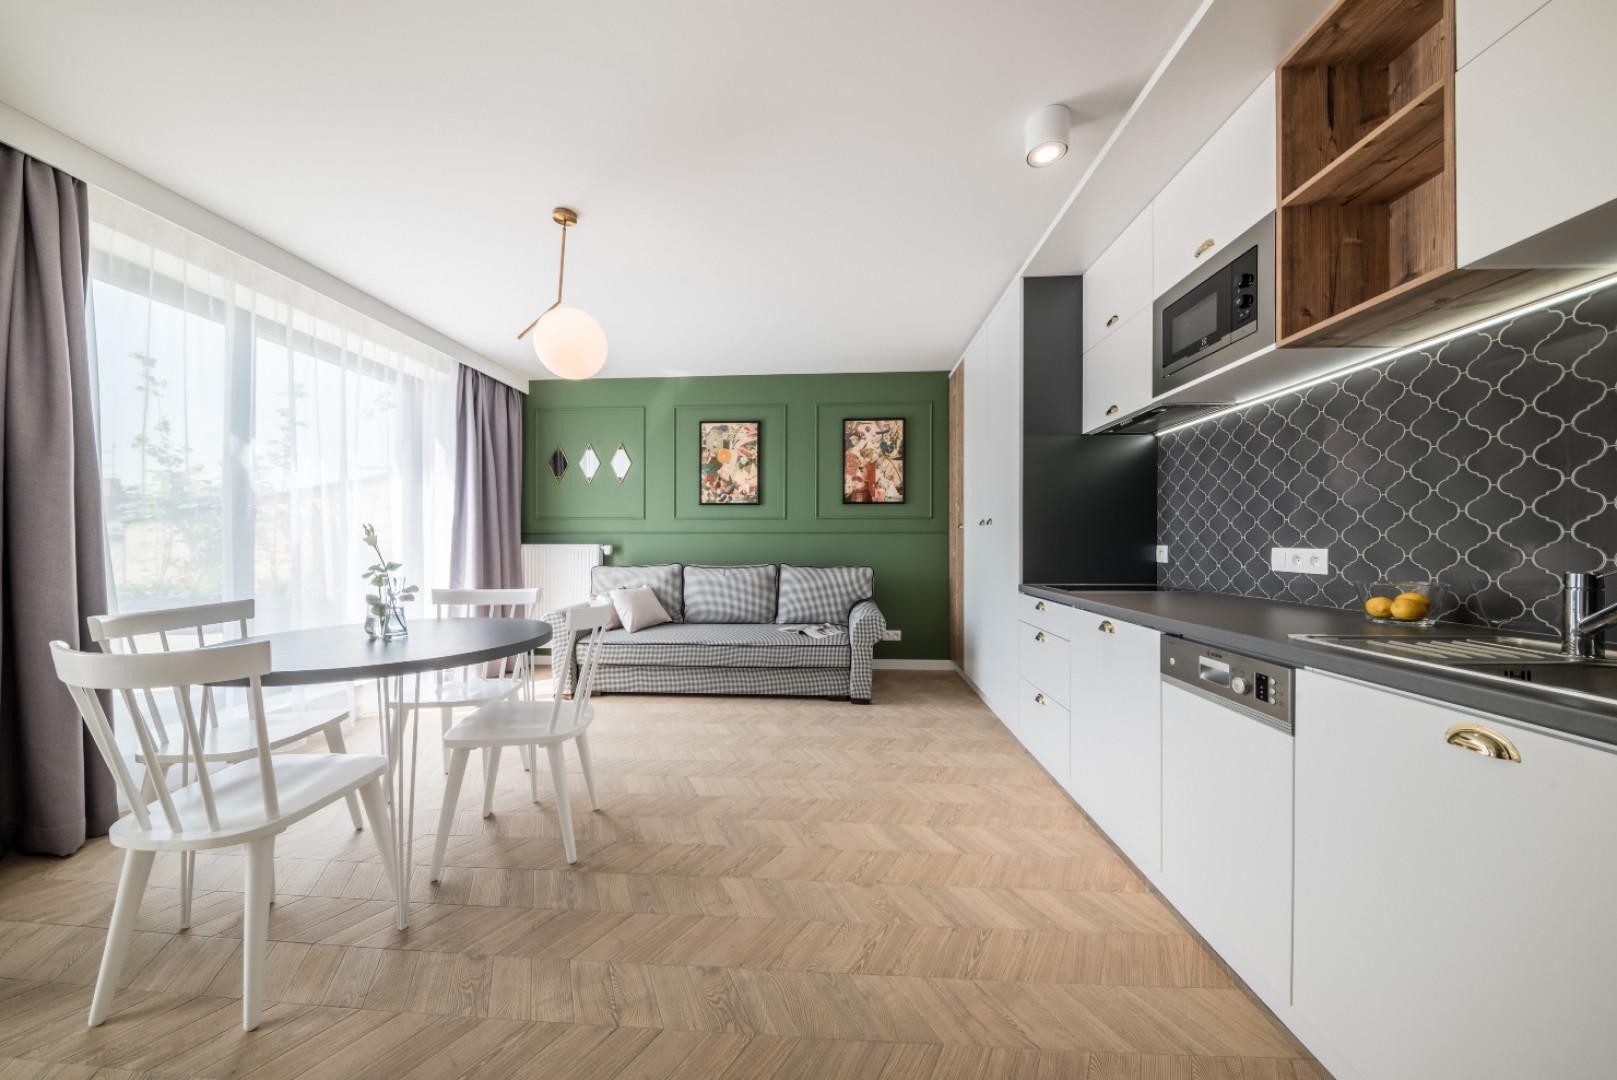 Wnętrze apartamentu w Krakowie zaprojektowanego przez pracownię Grid Studio Projektowe. Fot. Grid Studio Projektowe